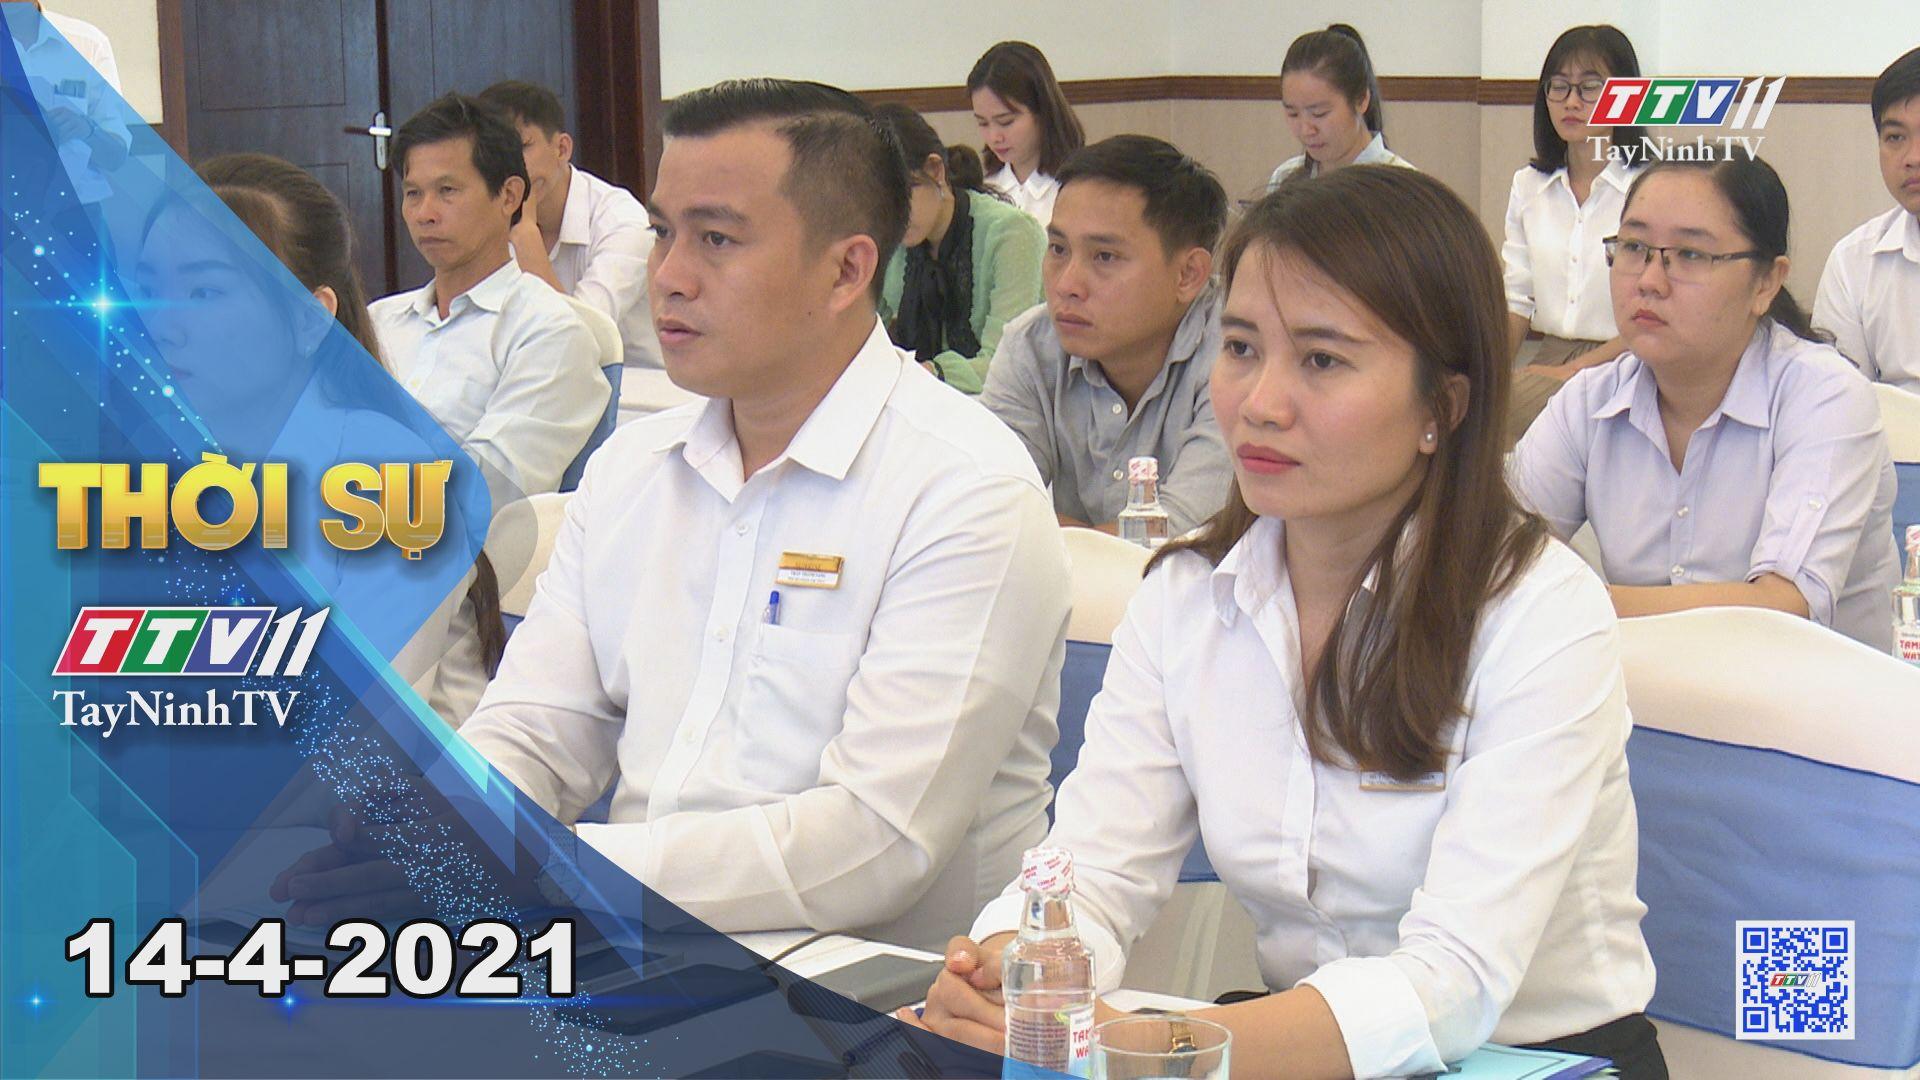 Thời sự Tây Ninh 14-4-2021 | Tin tức hôm nay | TayNinhTV